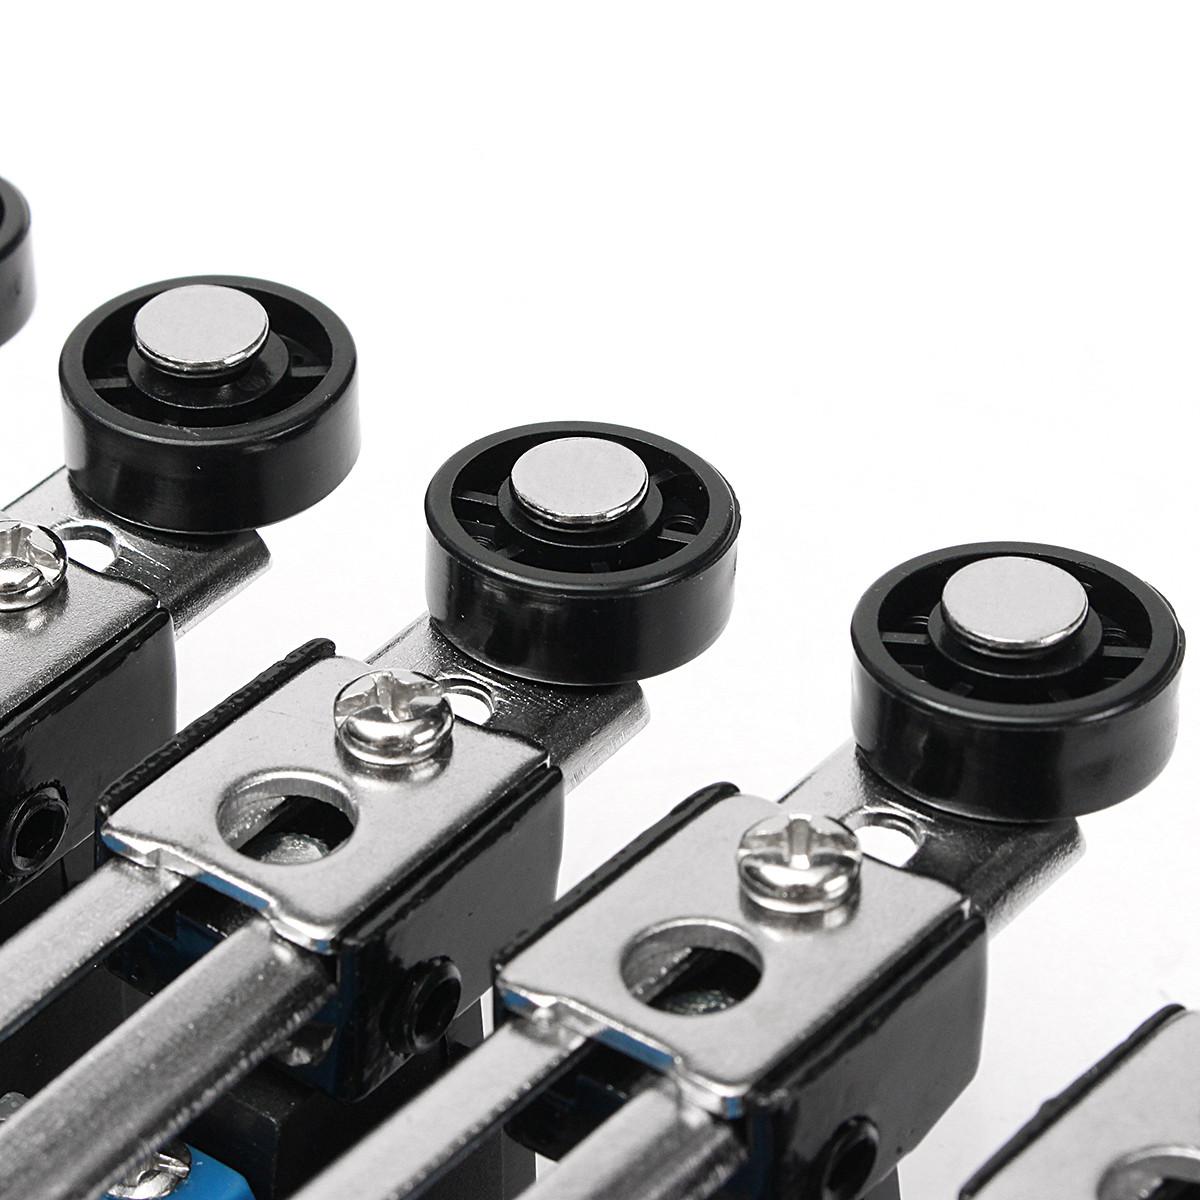 Excellway® 5шт. Предельный выключатель AC 250V 5A Регулируемый поворотный рычаг Ролик - фото 7